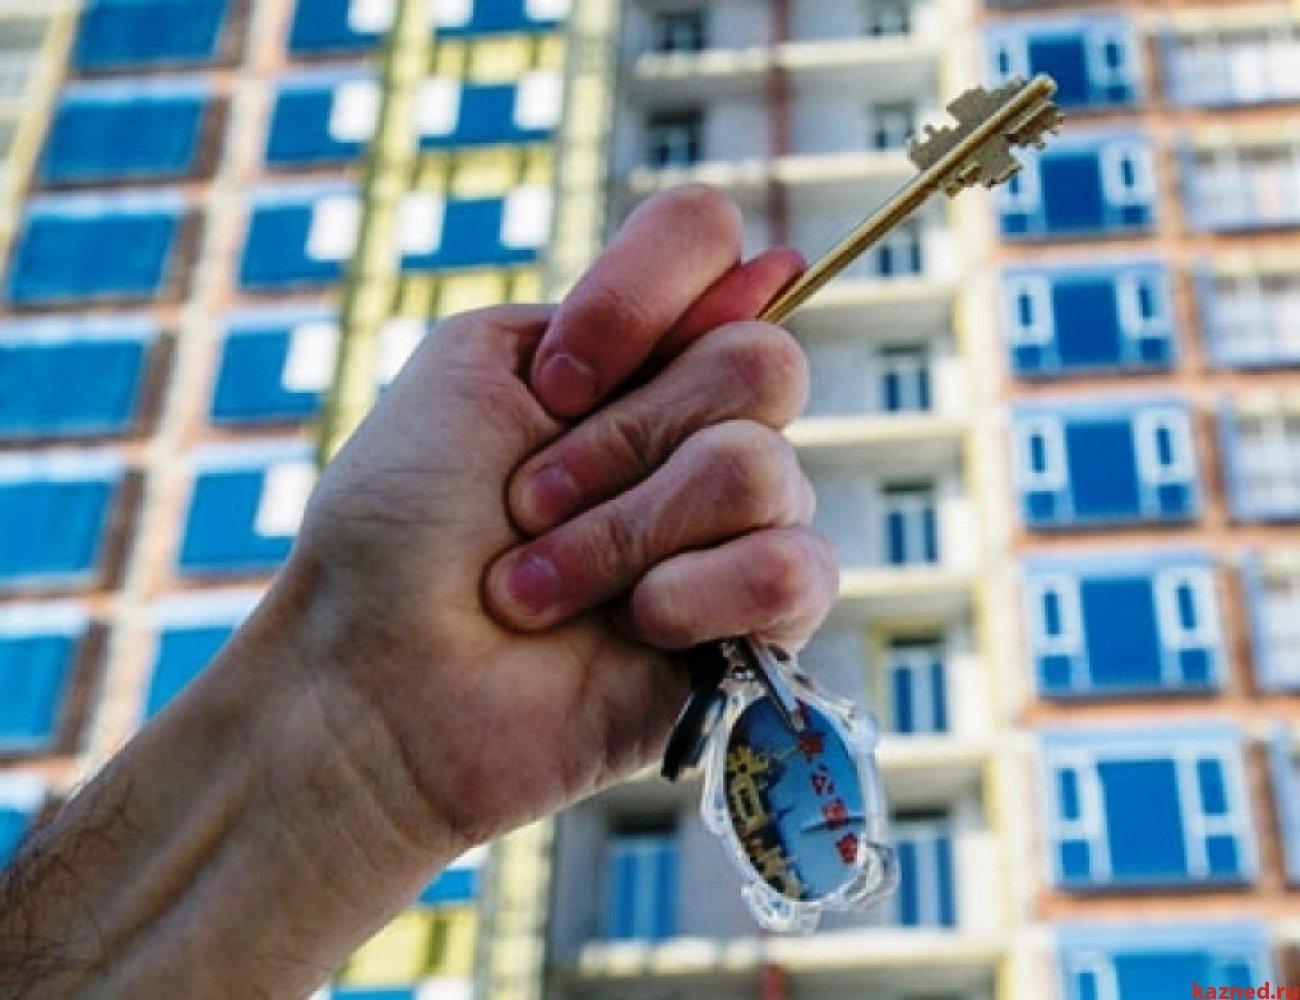 В Твери арестованы двое цыган, подозреваемых в мошенничестве с жильем пенсионера - новости Афанасий